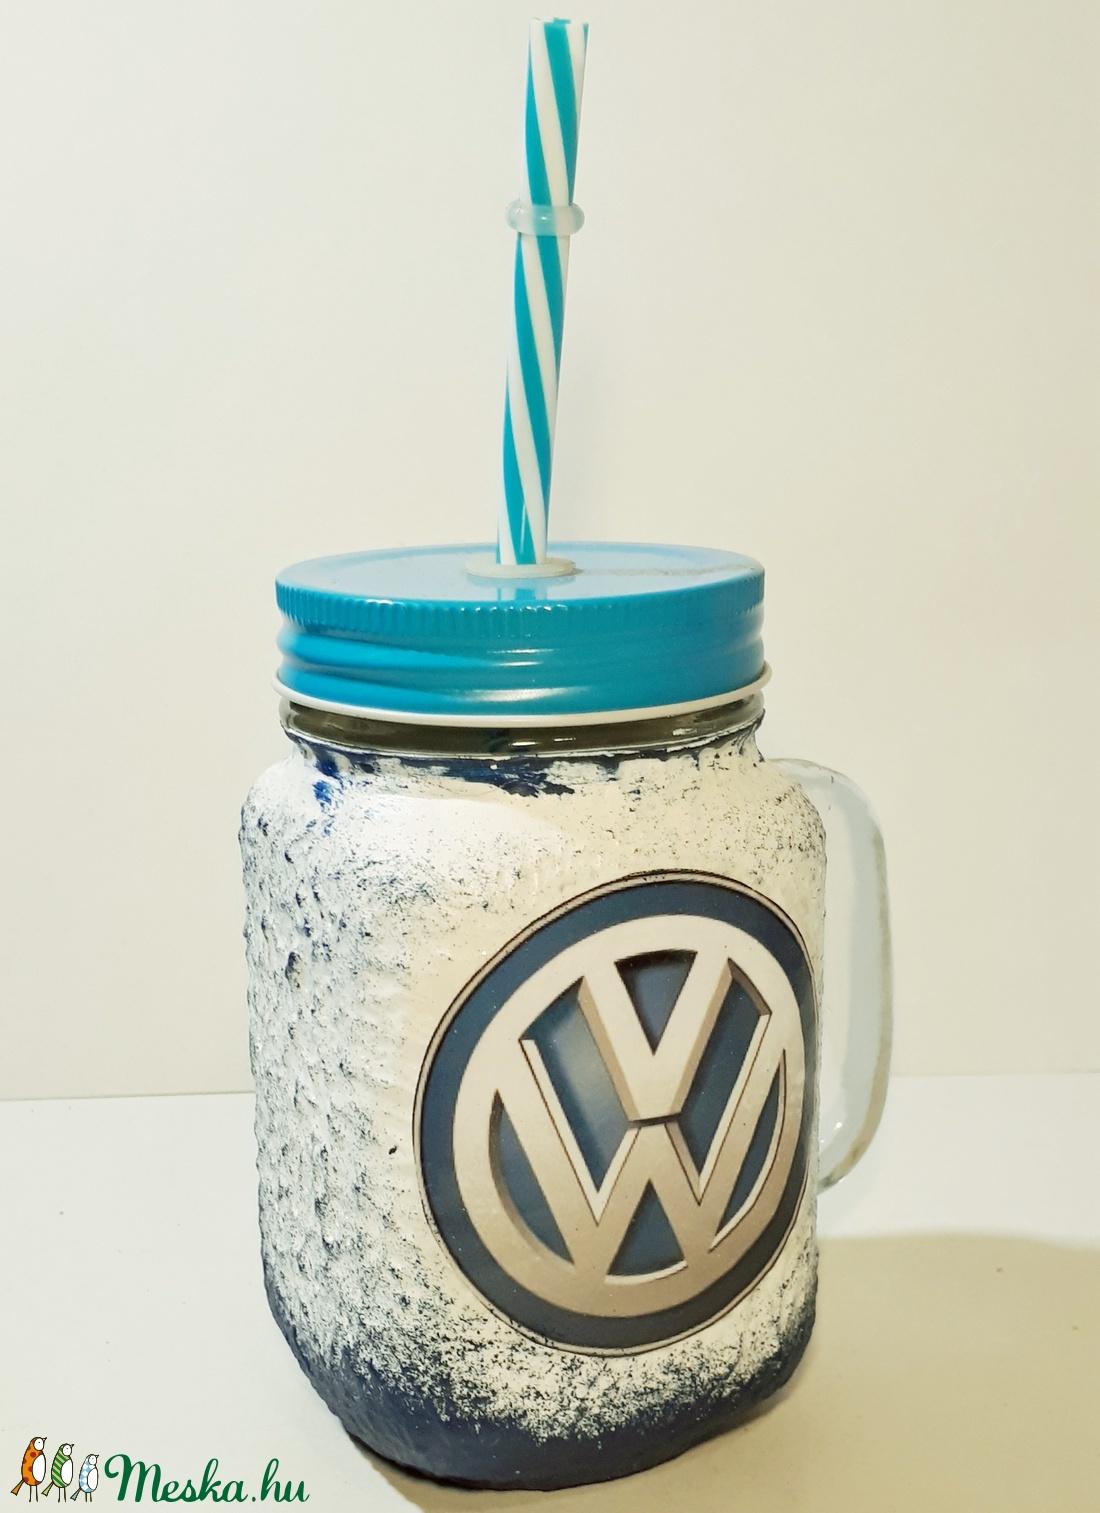 Volkswagen szívószálas üveg, bögre, korsó 3 in 1 (Biborvarazs) - Meska.hu